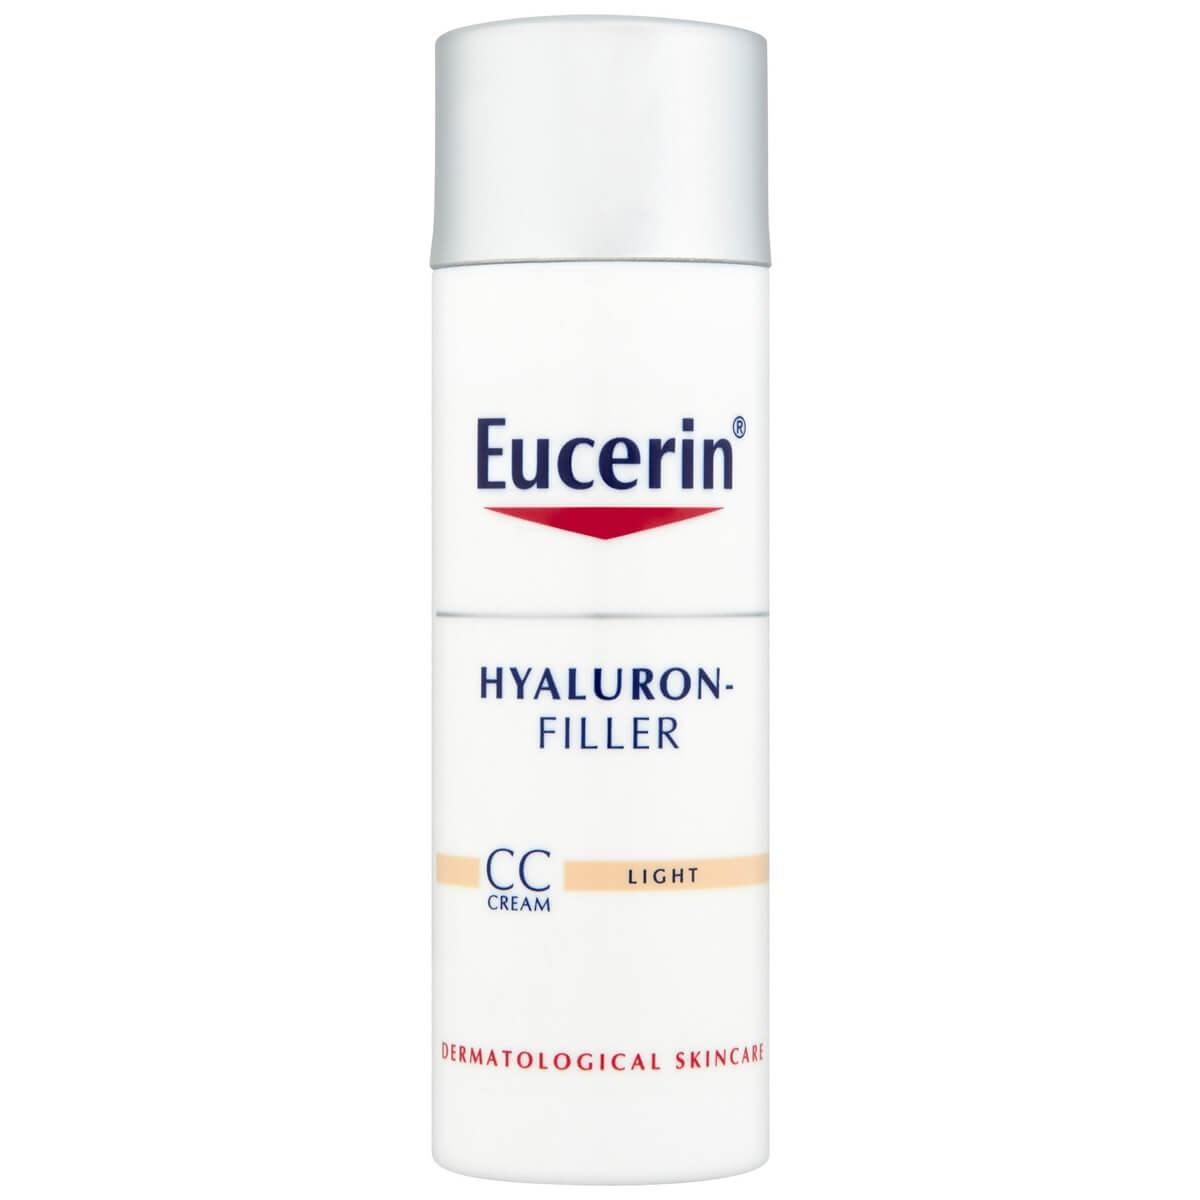 Eucerin Hyaluron-Filler CC Cream Light